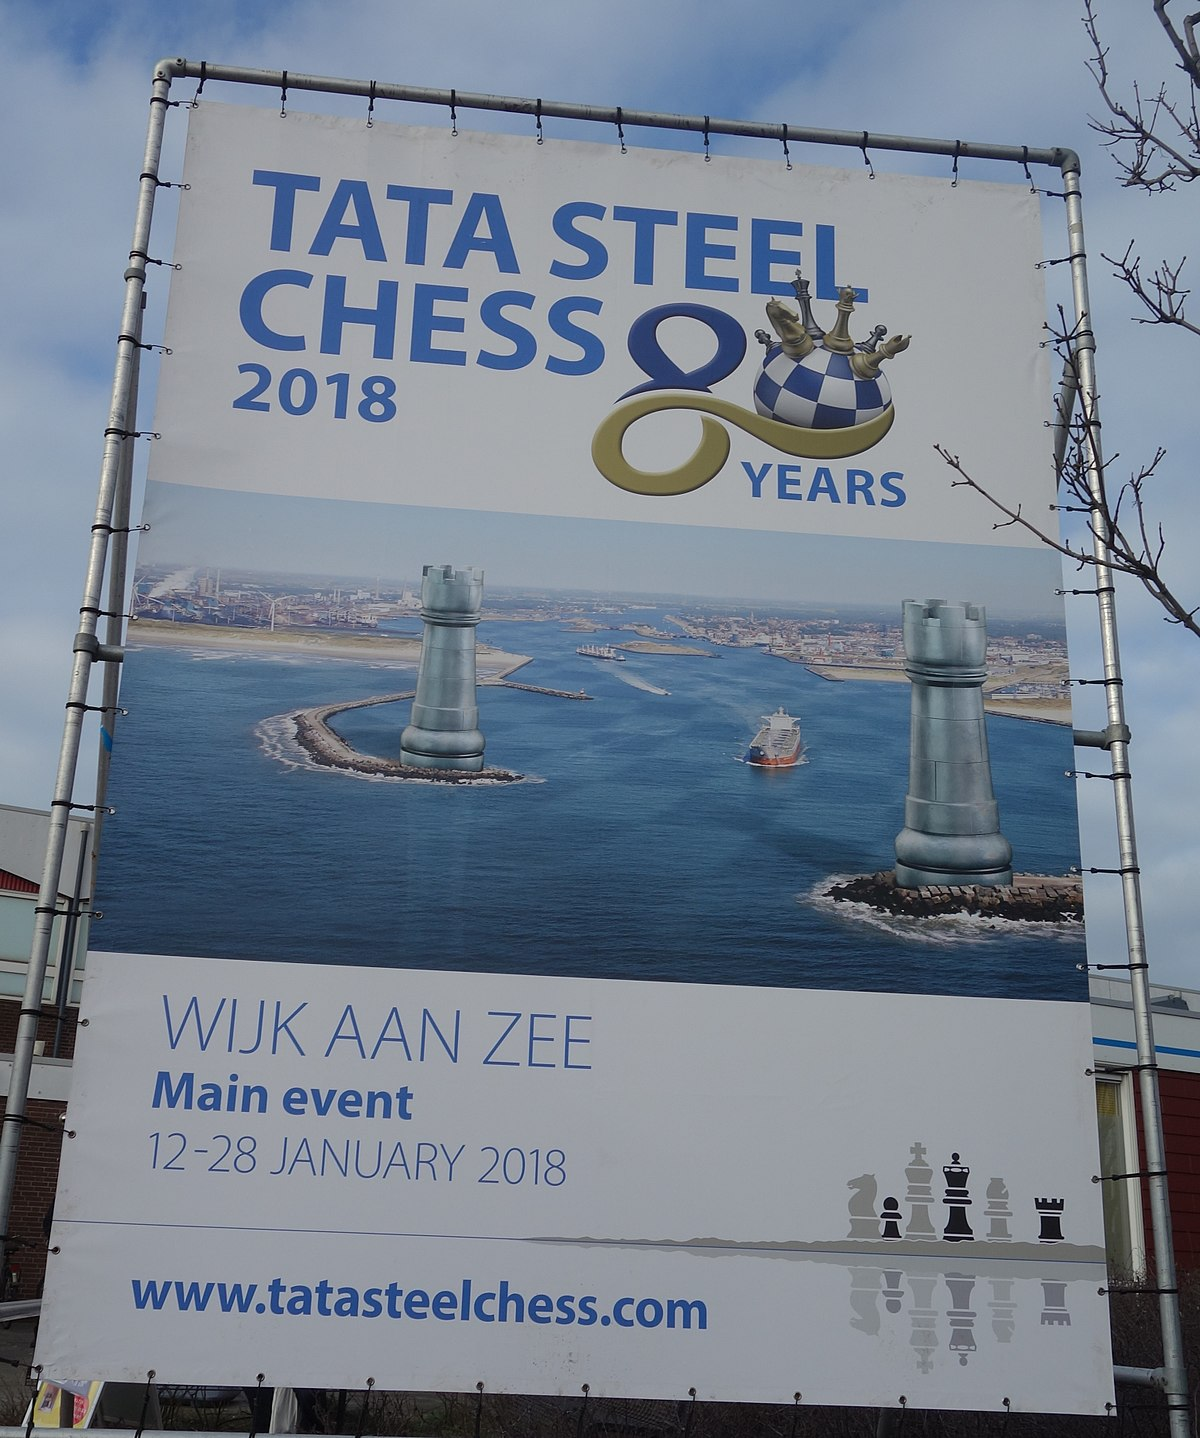 Tata Steel Europe - Wikipedia